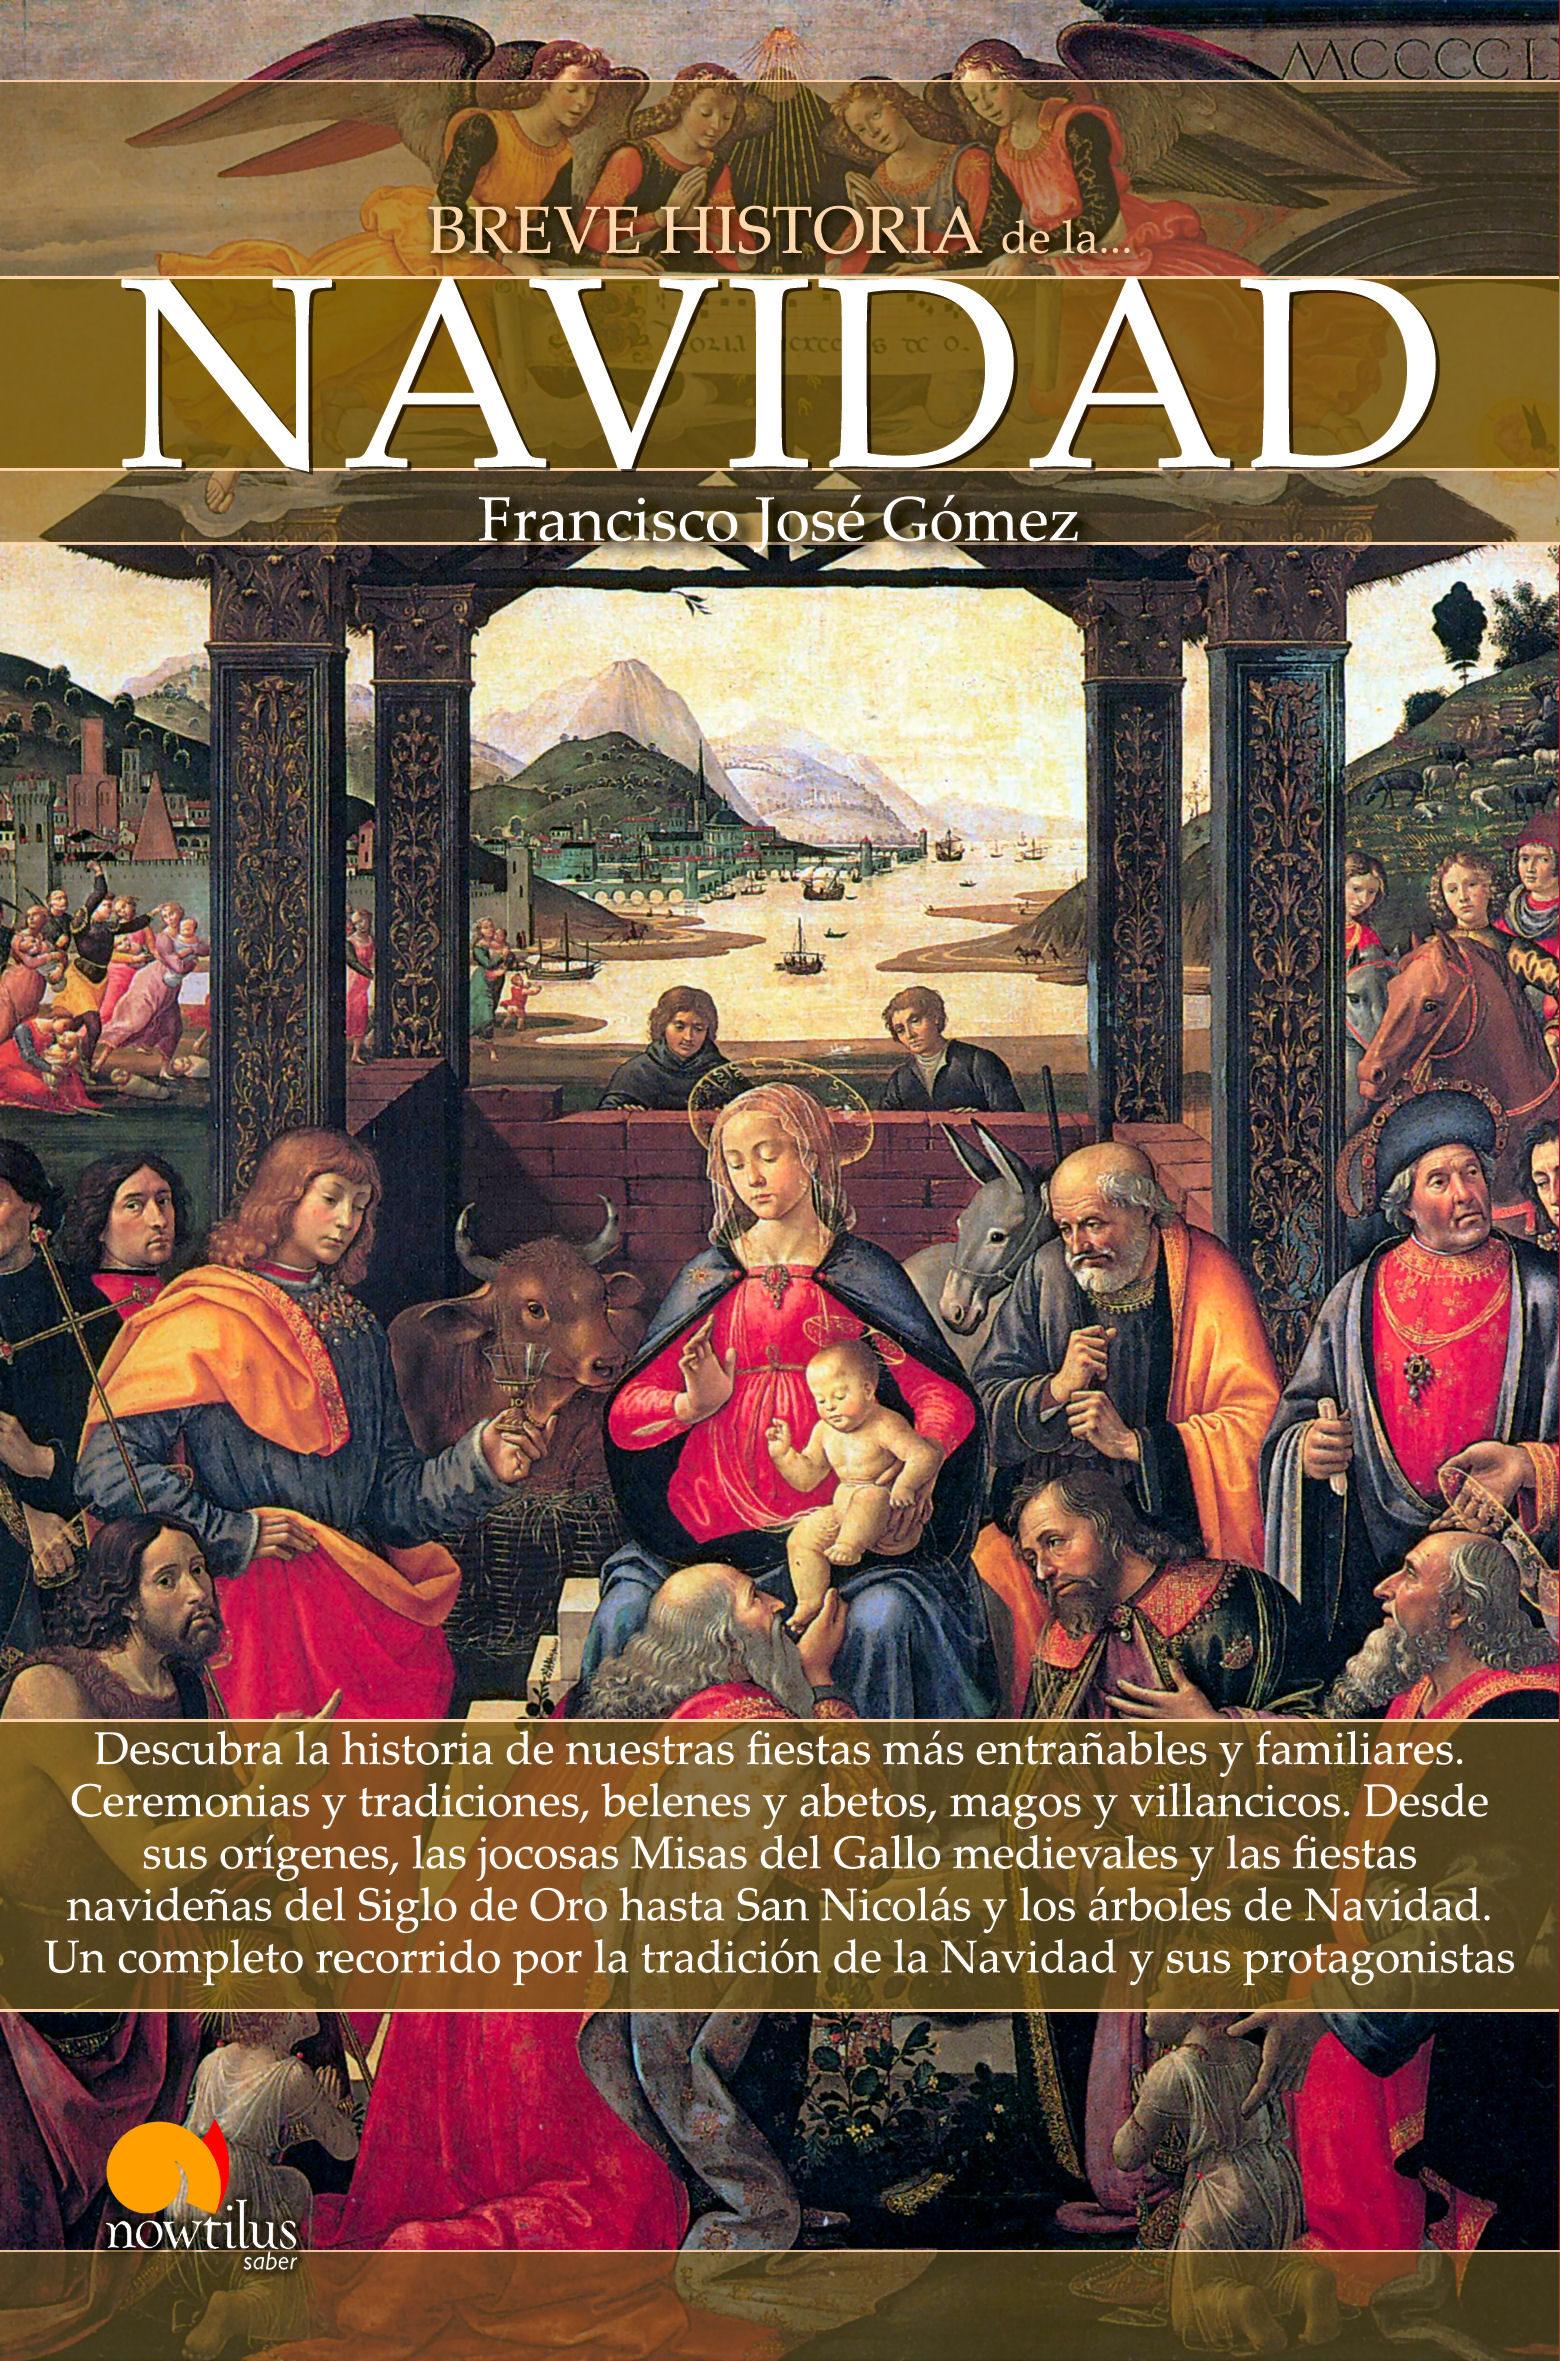 Breve Historia De La Navidad Francisco Jose Gomez Comprar Libro